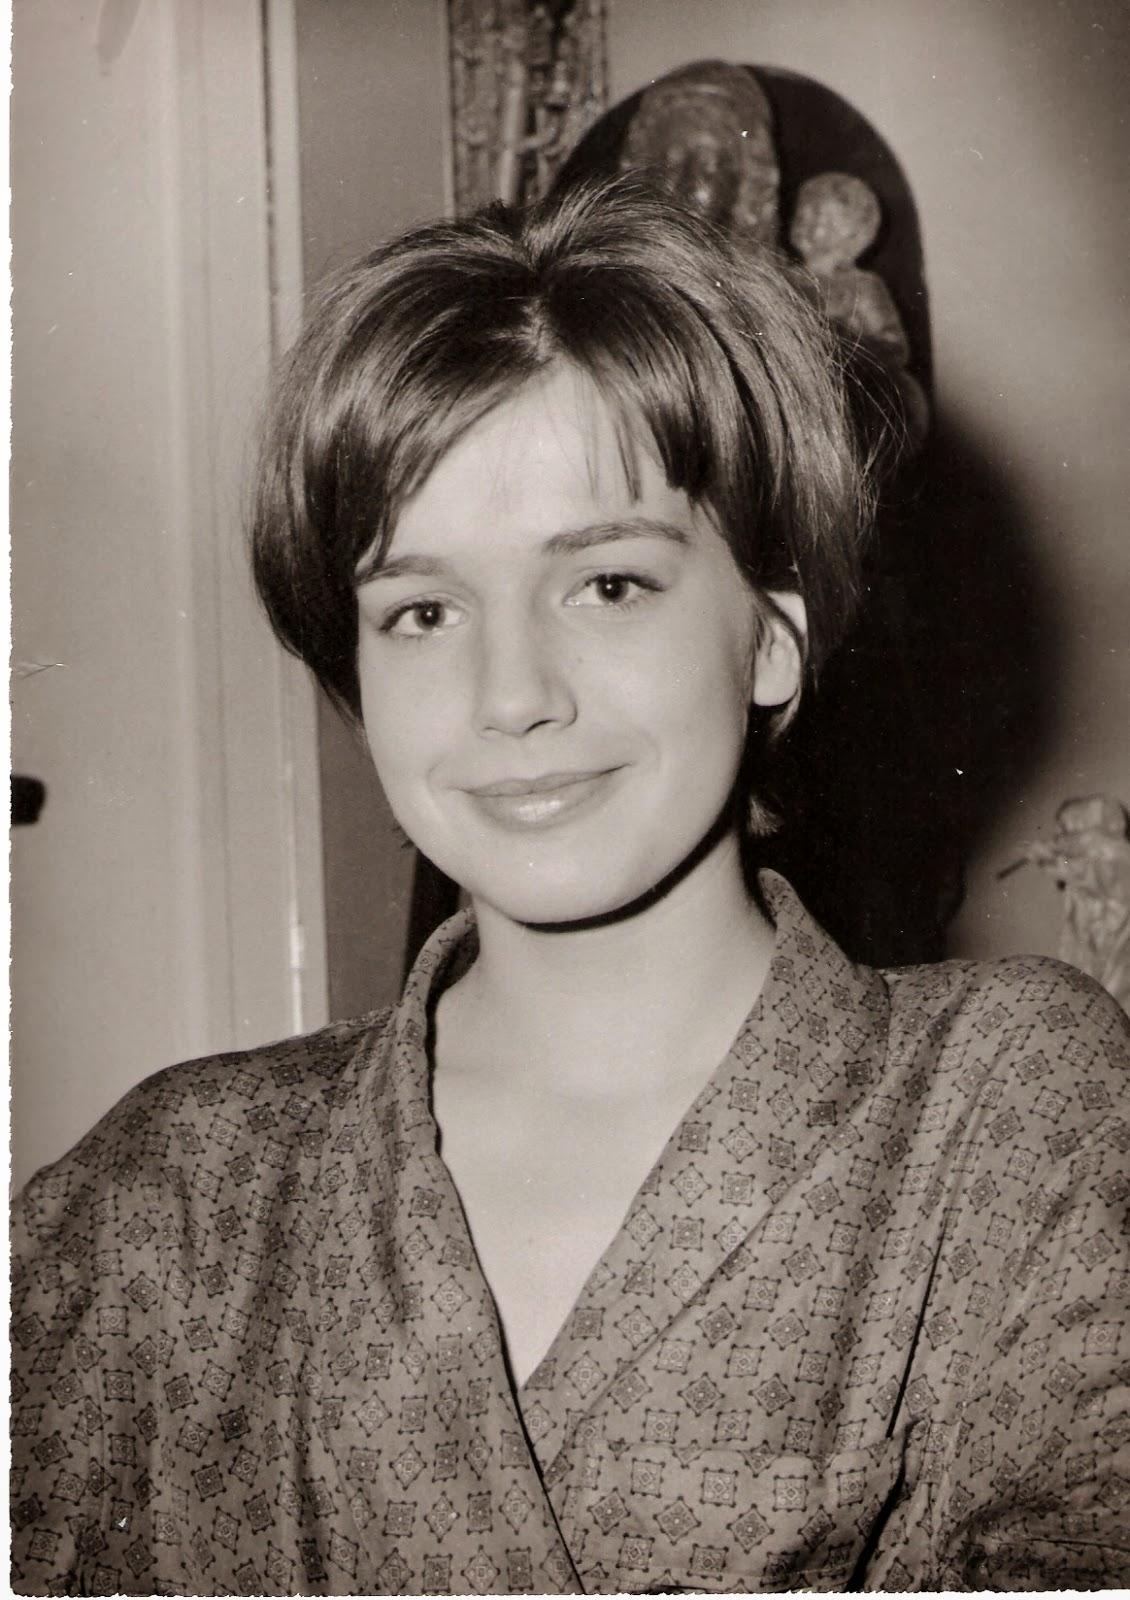 Amy Hall,Didi Perego (1935?993) Porno video Sugar Mercado (b. 1986),Patricia Arquette born April 8, 1968 (age 50)